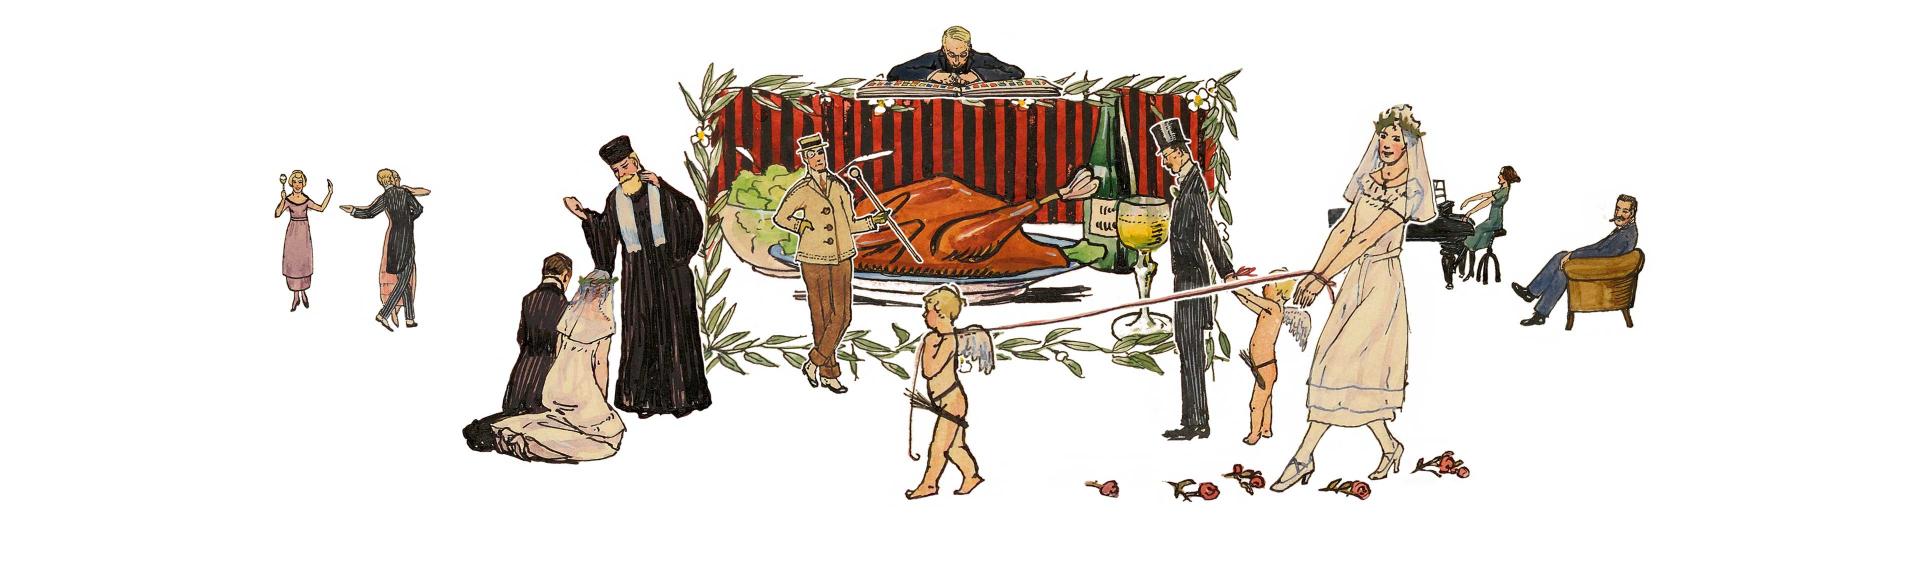 Kollage aus gezeichneten Szenen einer Hochzeitsfeier